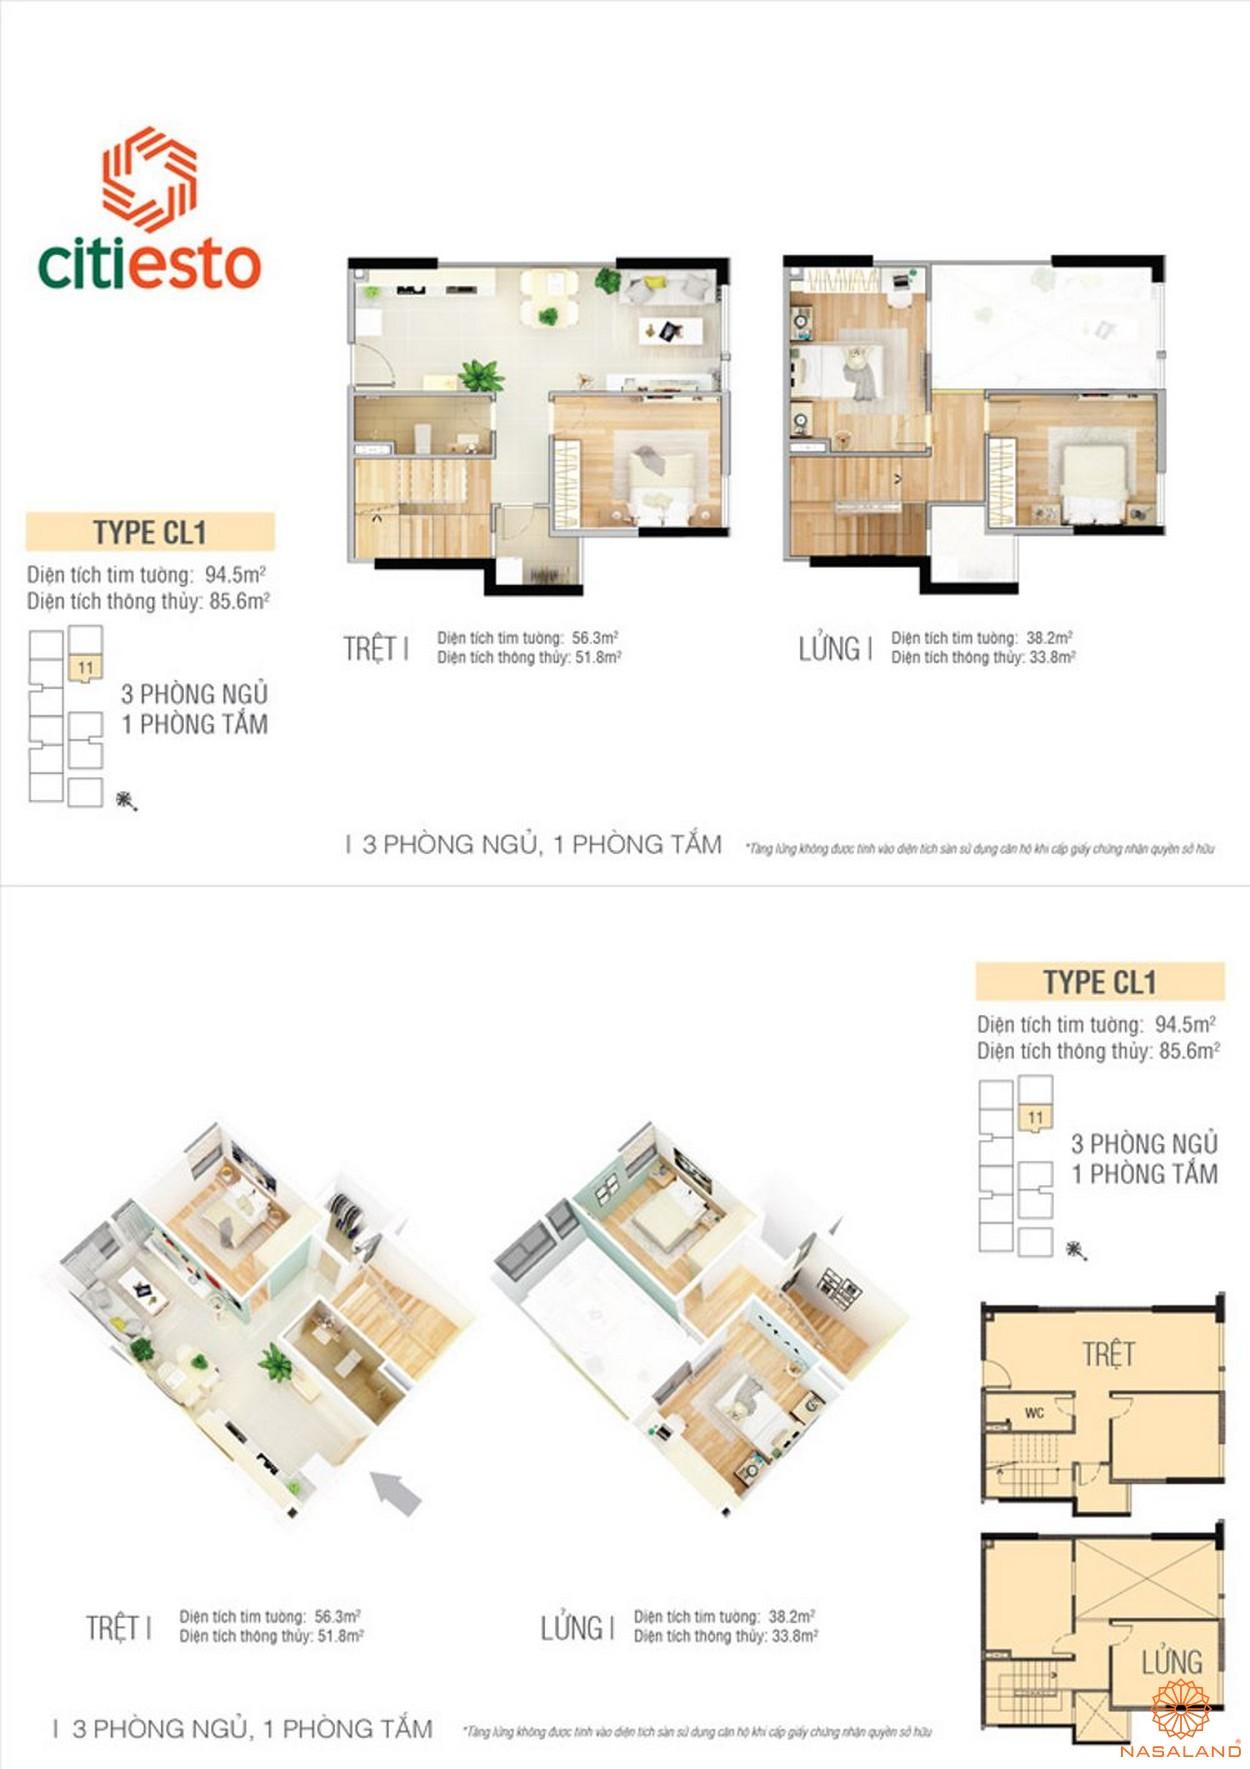 Thiết kế điển hình căn hộ CitiEsto